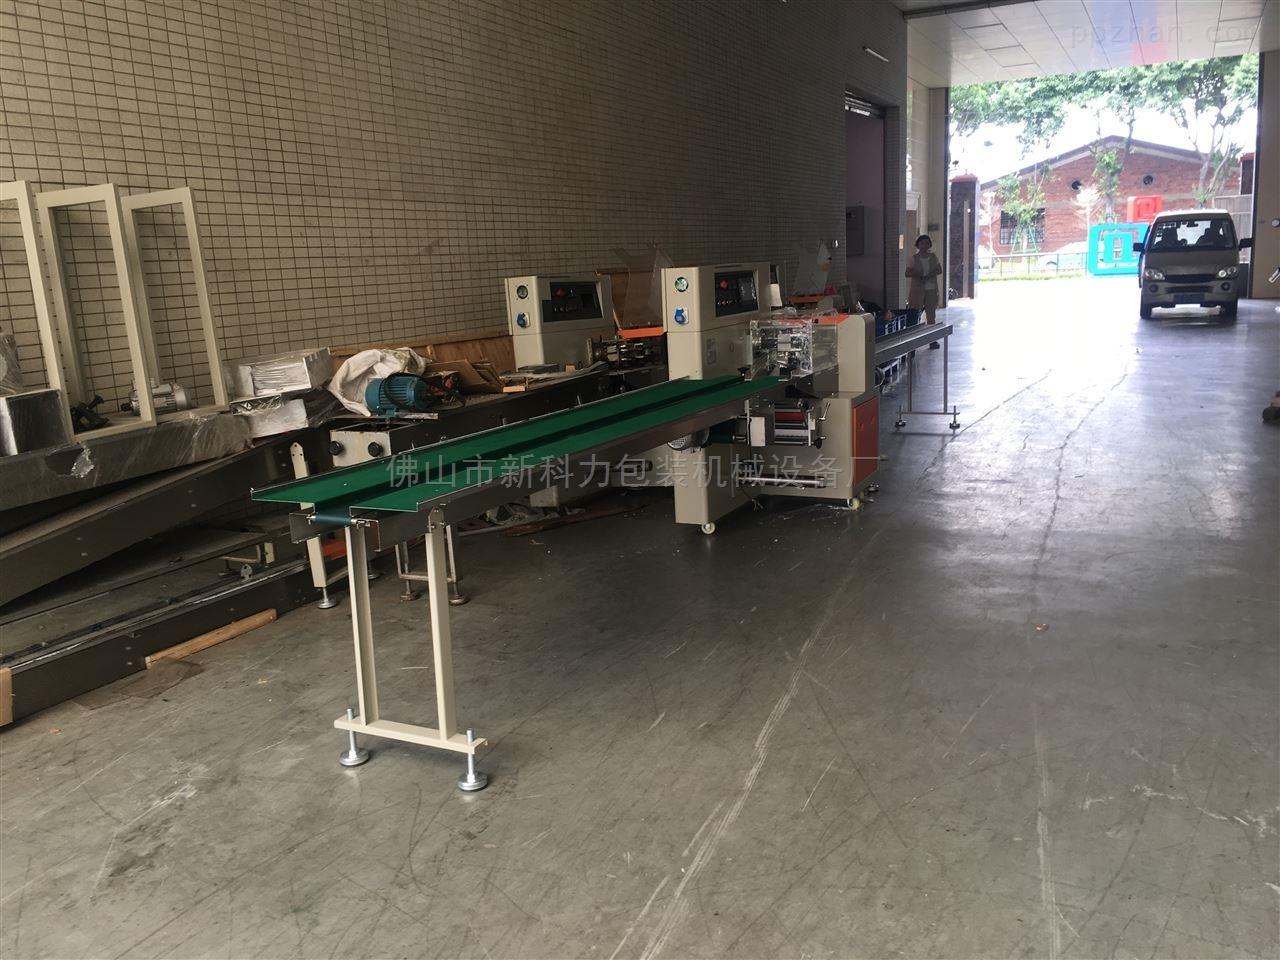 全自动铝材包装机-嘉兴铝材包装机械